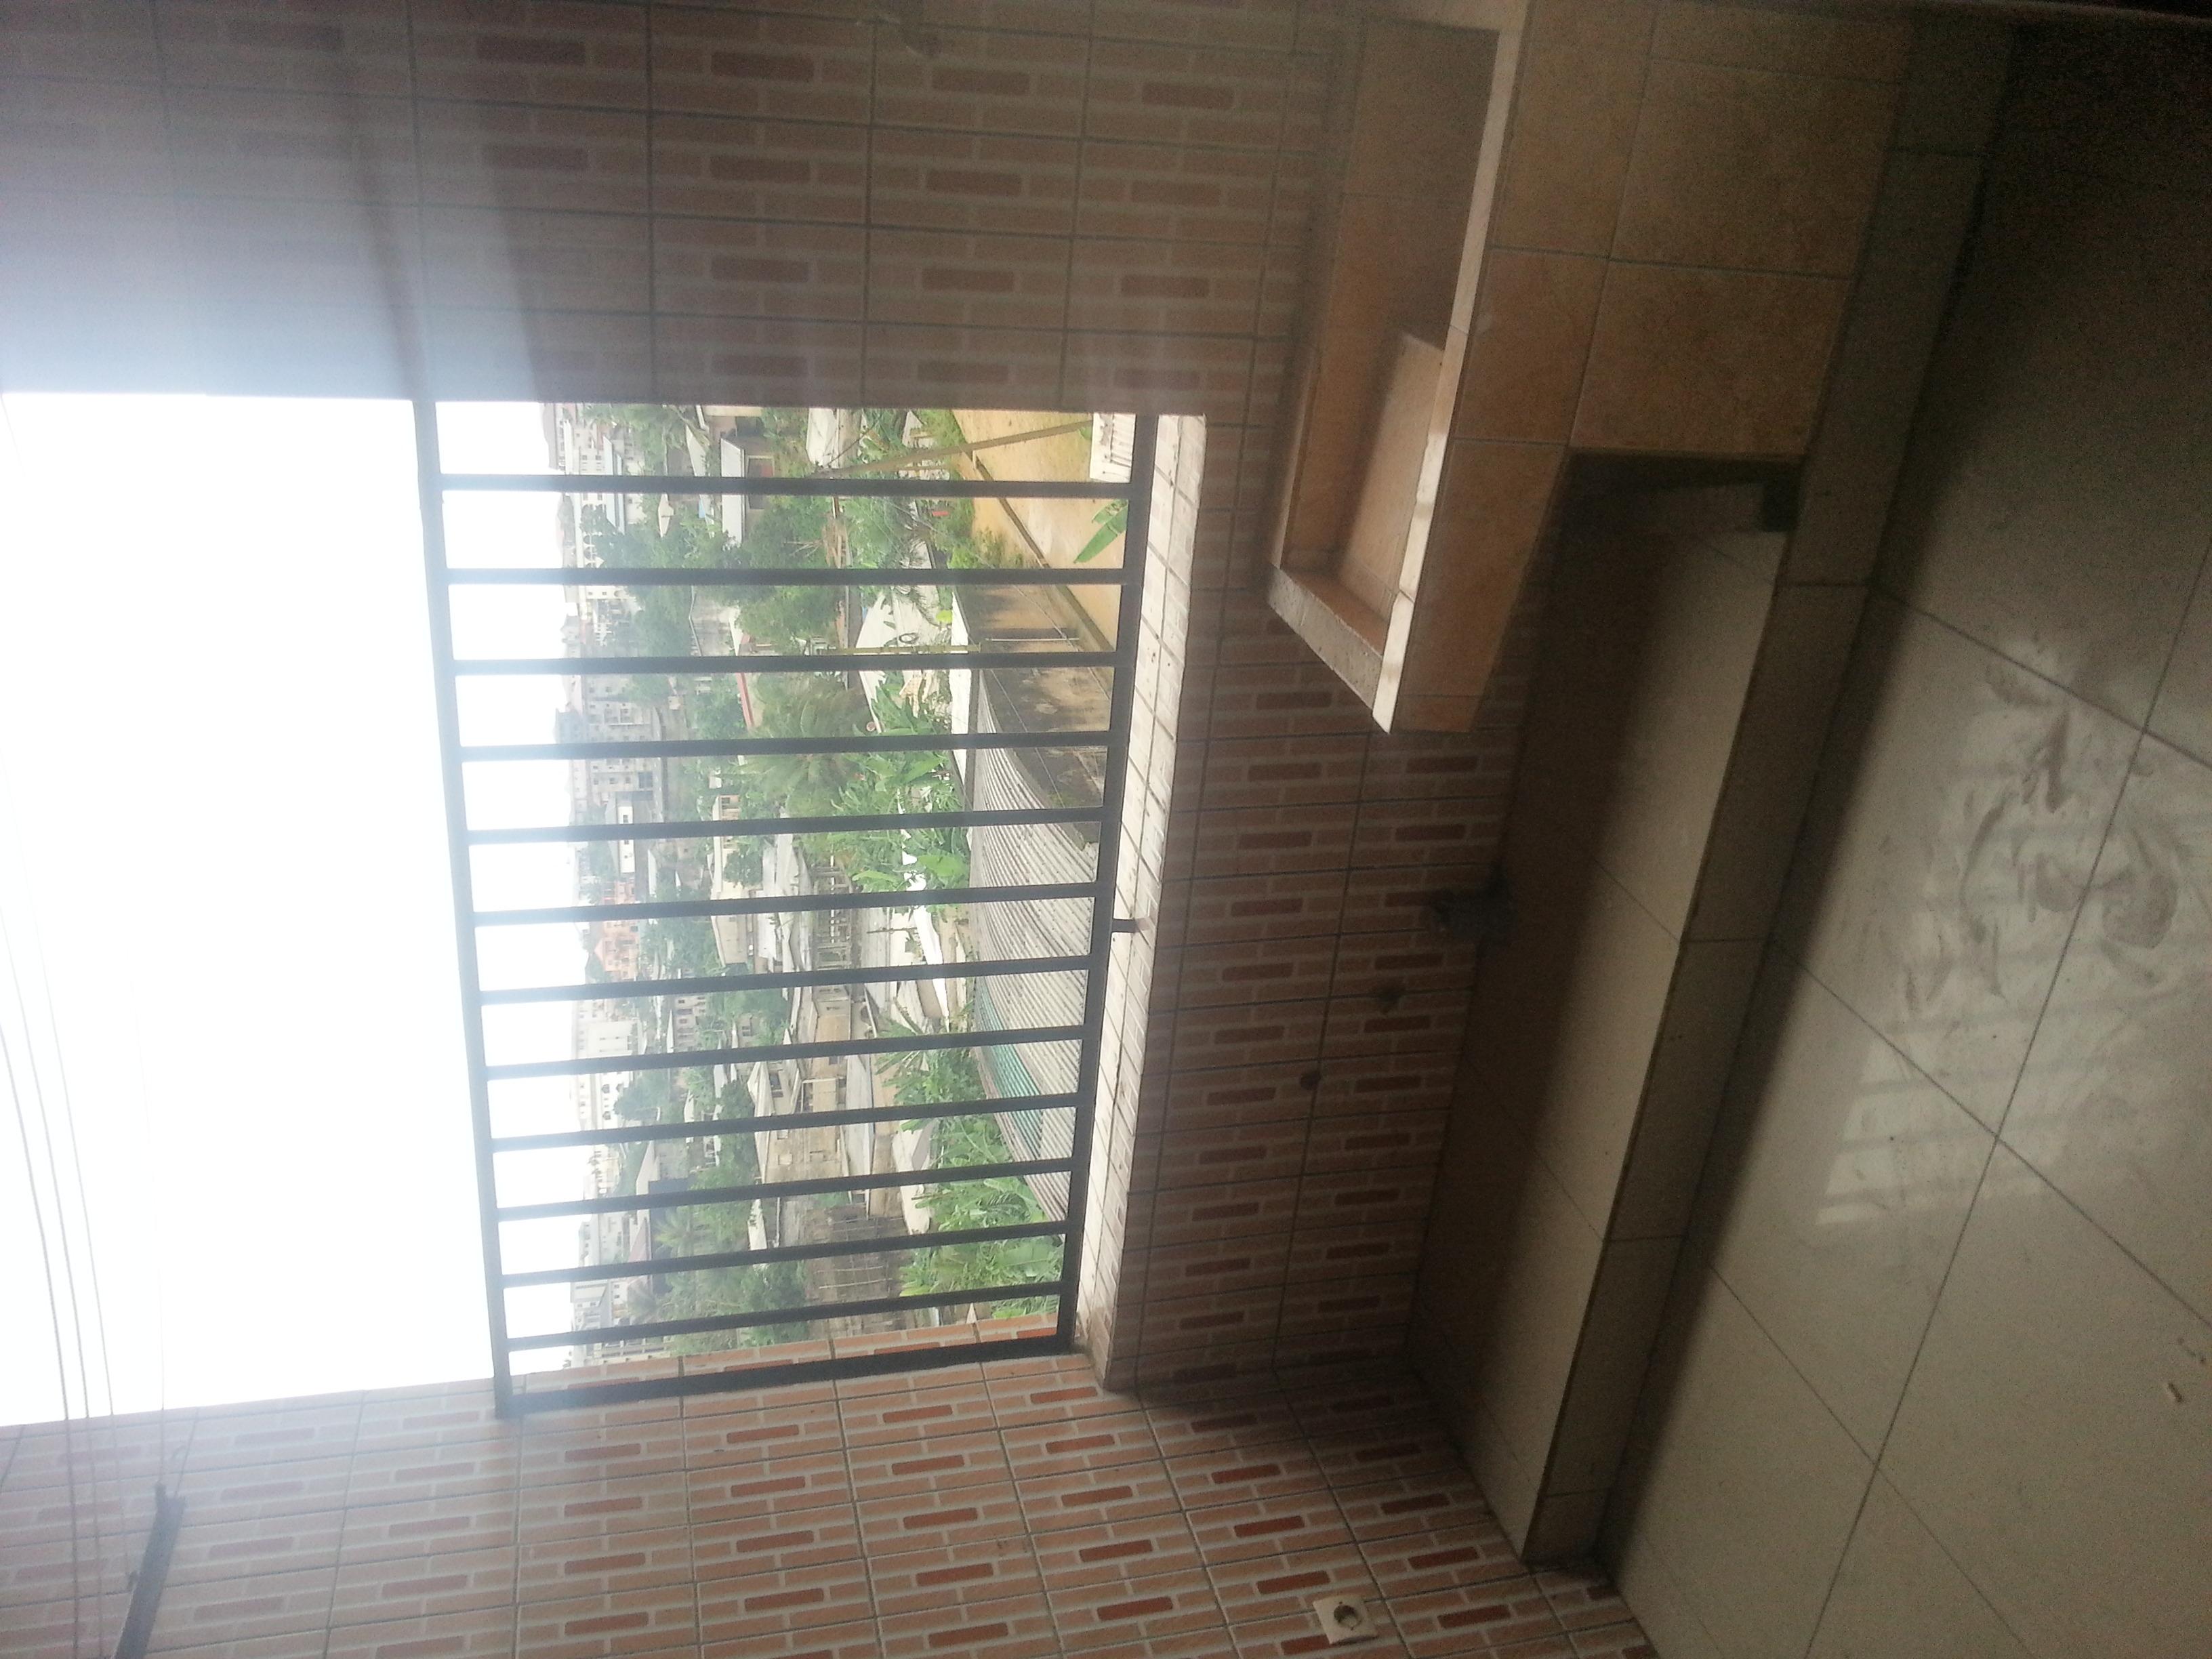 Appartement à louer - Douala, Logpom, basson - 1 salon(s), 2 chambre(s), 1 salle(s) de bains - 120 000 FCFA / mois